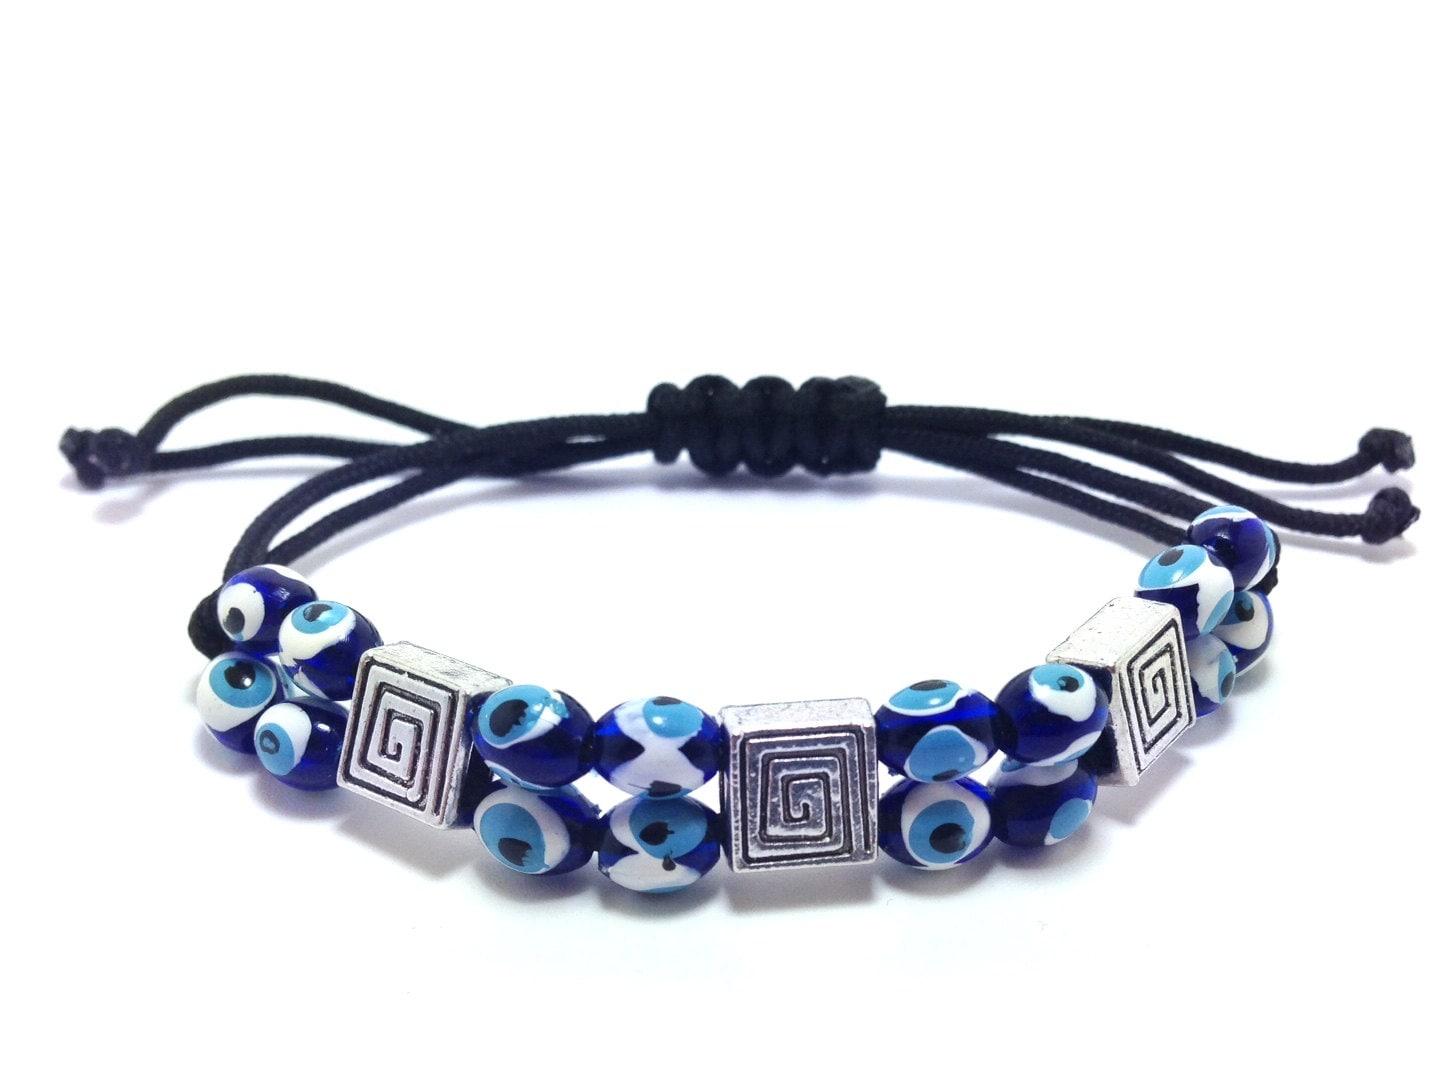 Greek key evil eye bracelet macrame black gift for him or